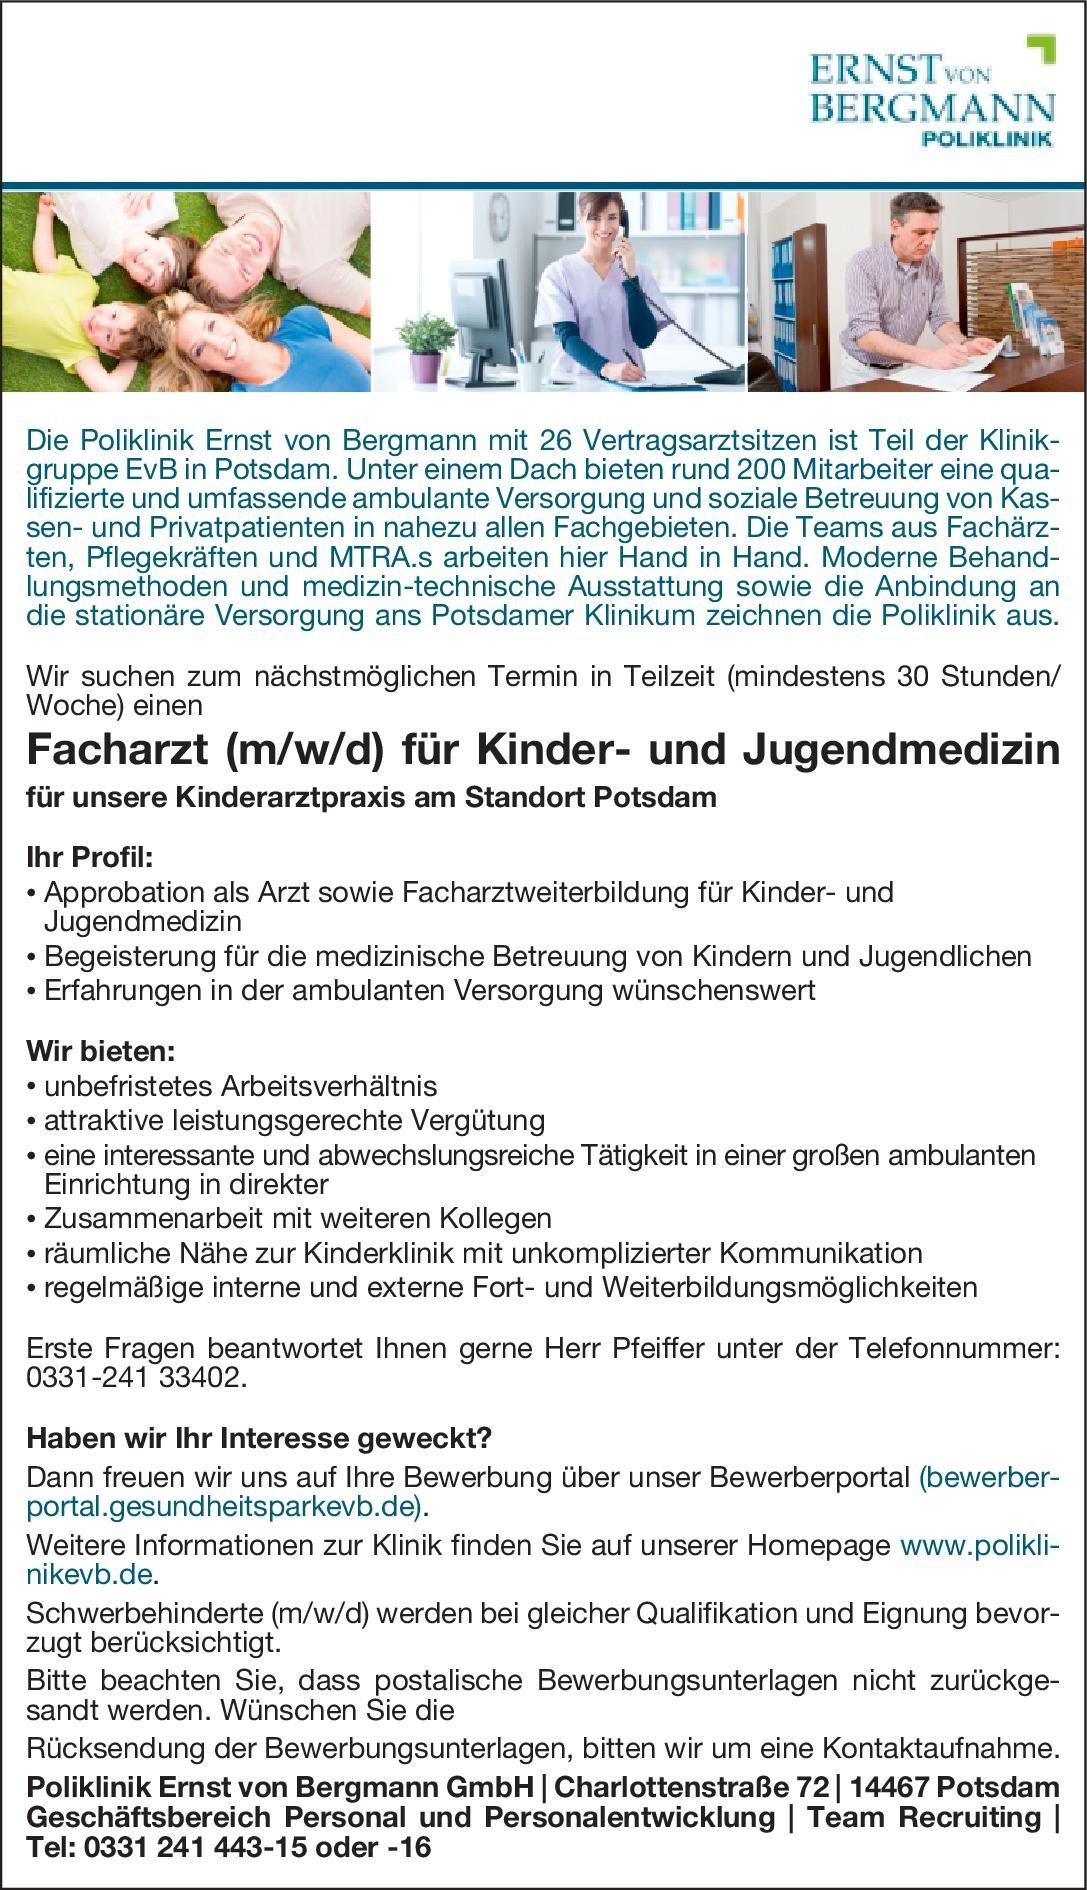 Poliklinik Ernst von Bergmann GmbH Facharzt (m/w/d) für Kinder- und Jugendmedizin  Kinder- und Jugendmedizin, Kinder- und Jugendmedizin Arzt / Facharzt